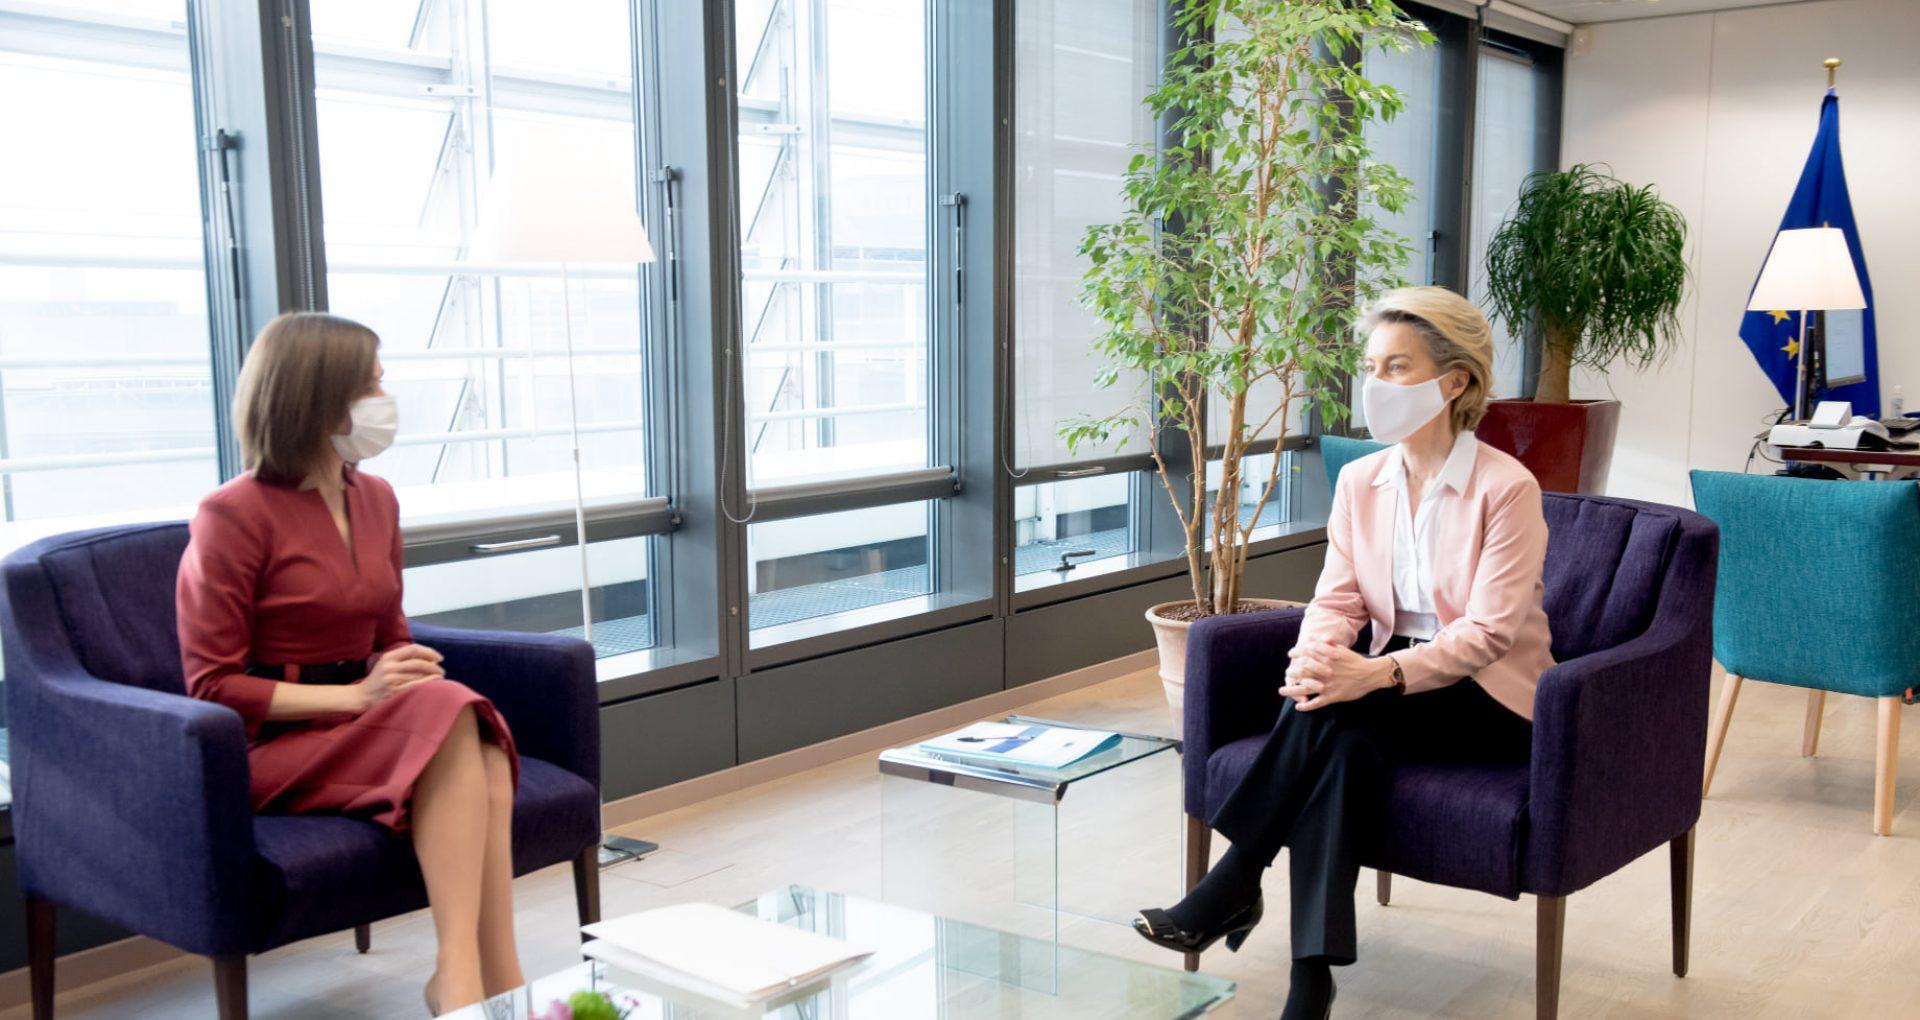 Mesajul transmis de președinta R. Moldova, Maia Sandu, după întrevederea cu președinta Comisiei Europene, Ursula von der Leyen